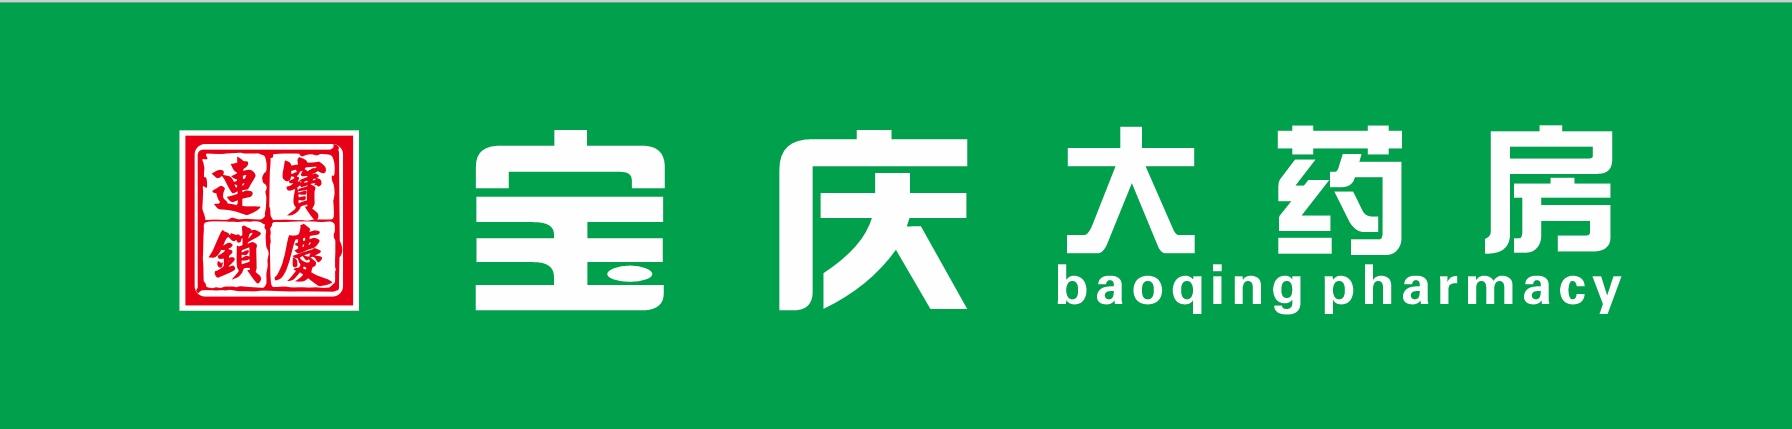 湖南宝庆医药有限公司